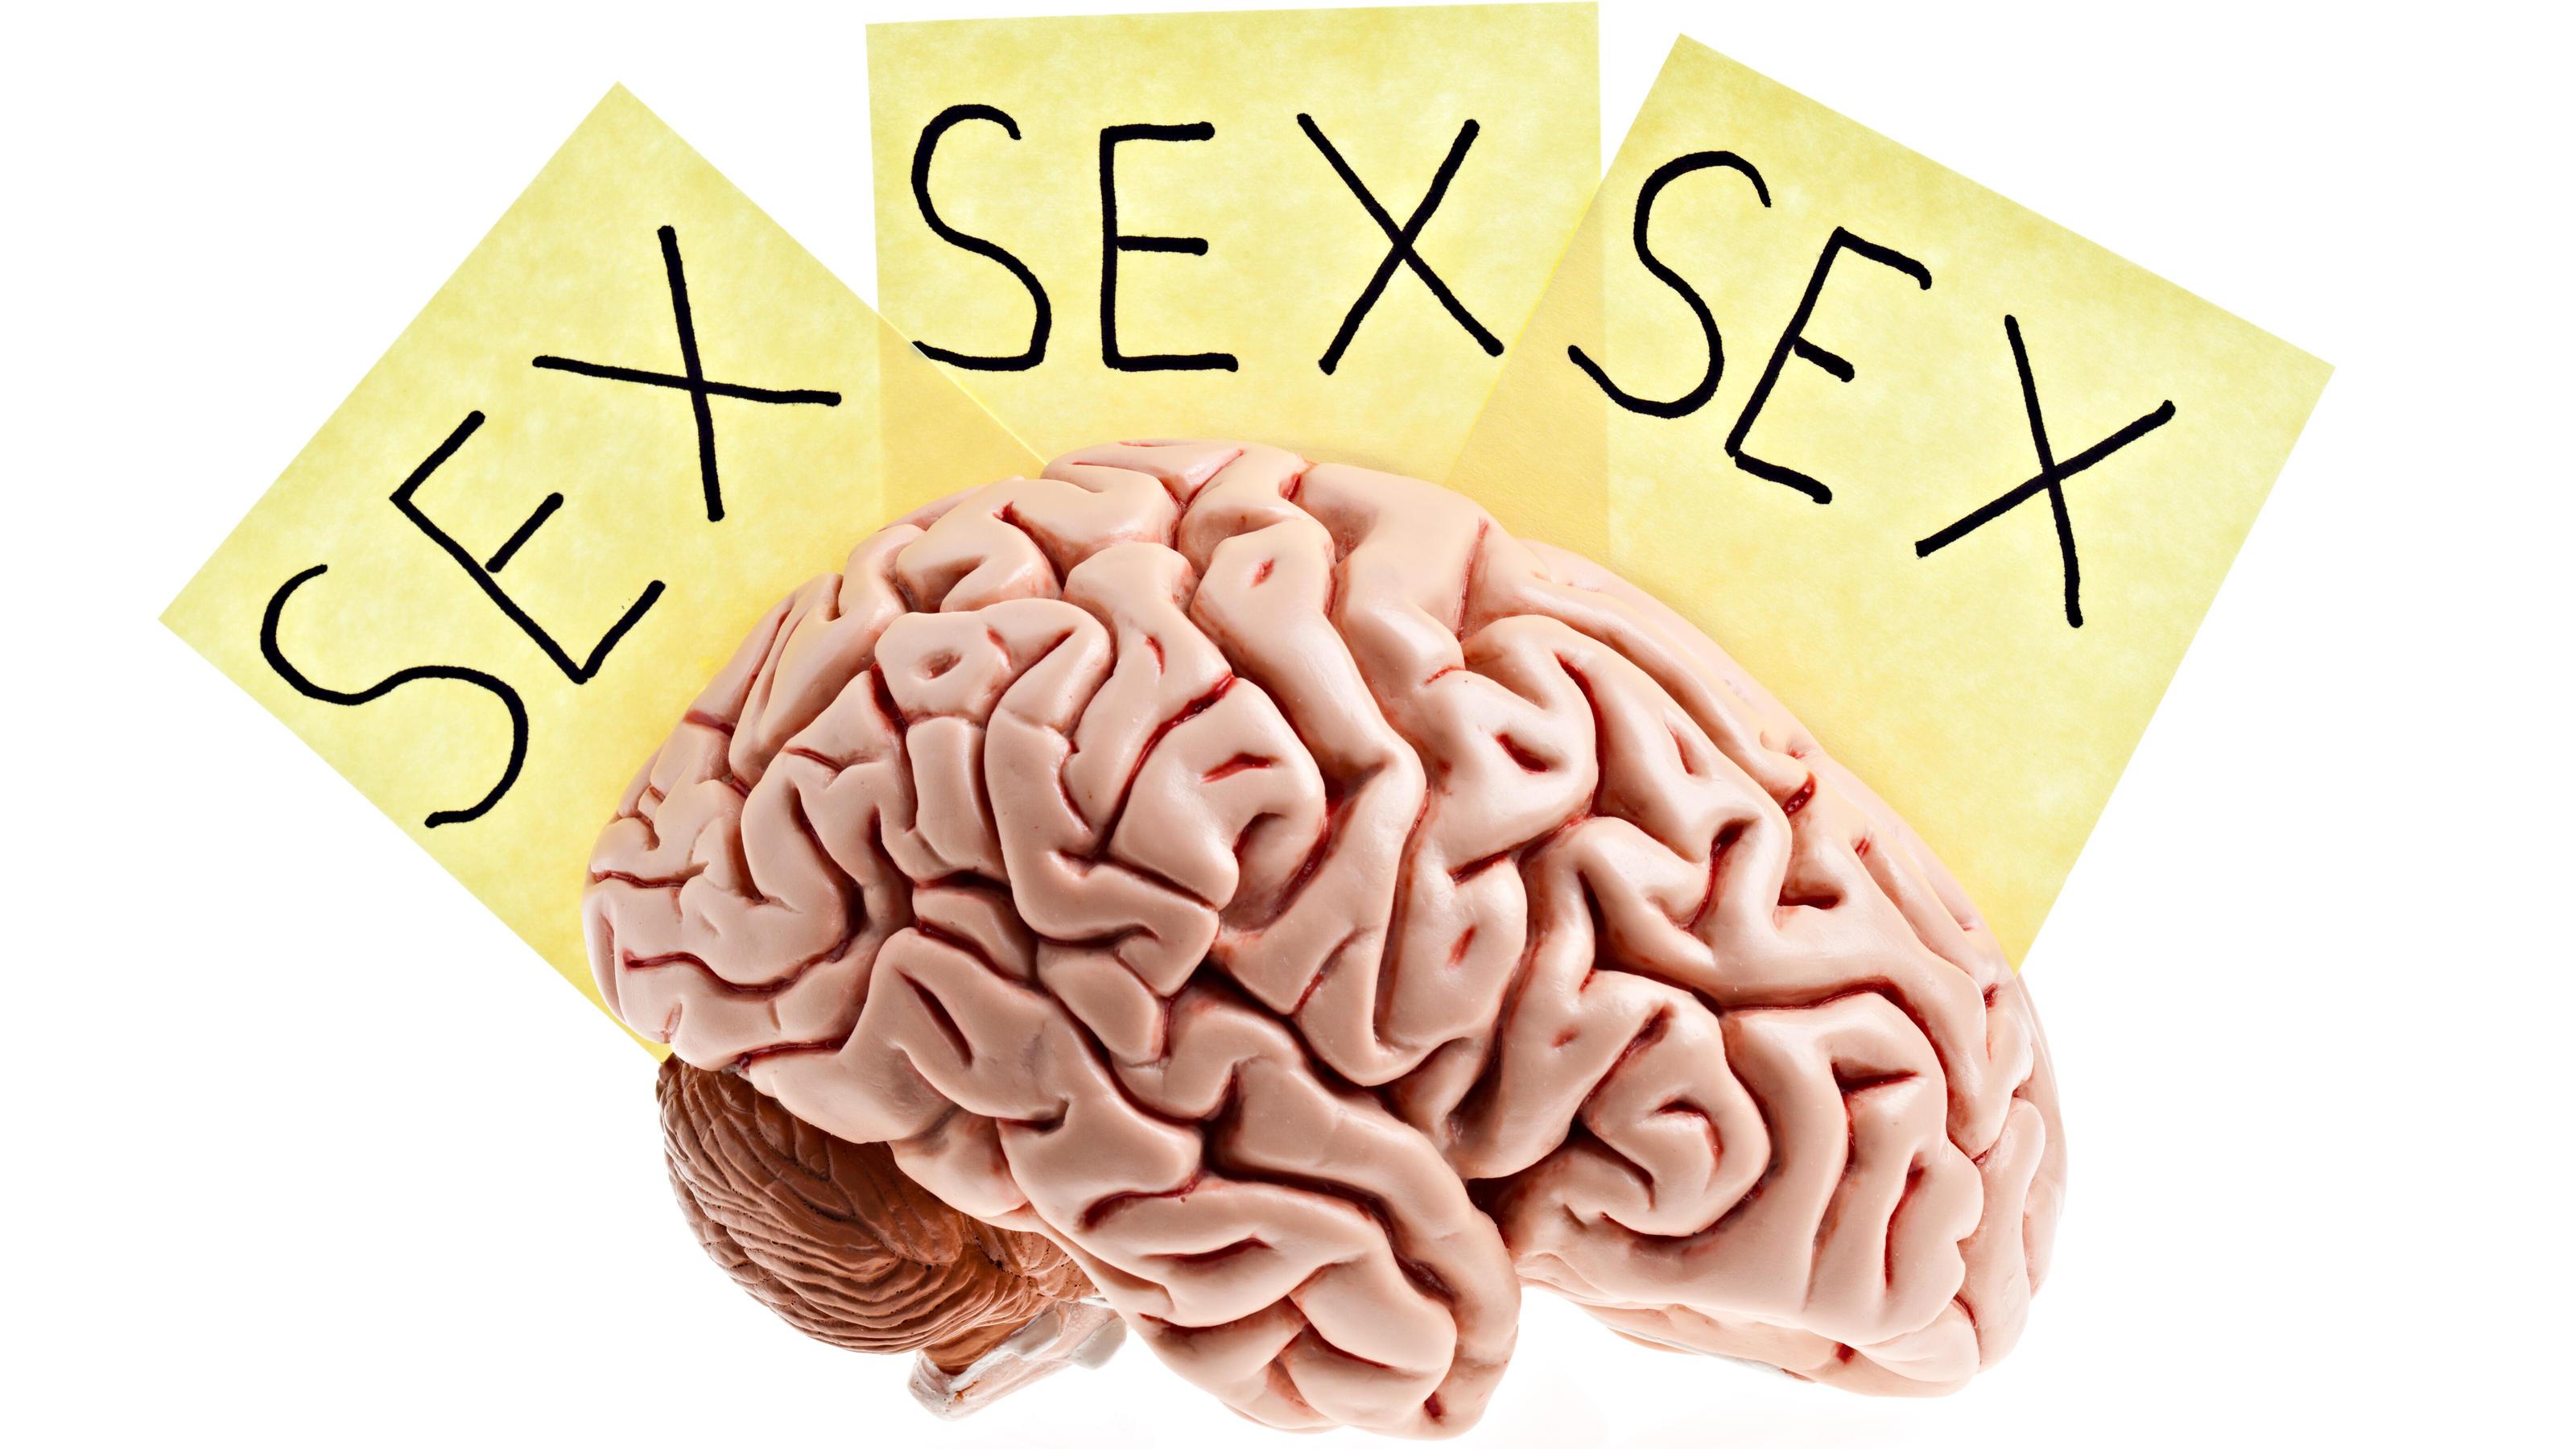 Sexsucht bei Frauen: Zwei Betroffene packen aus